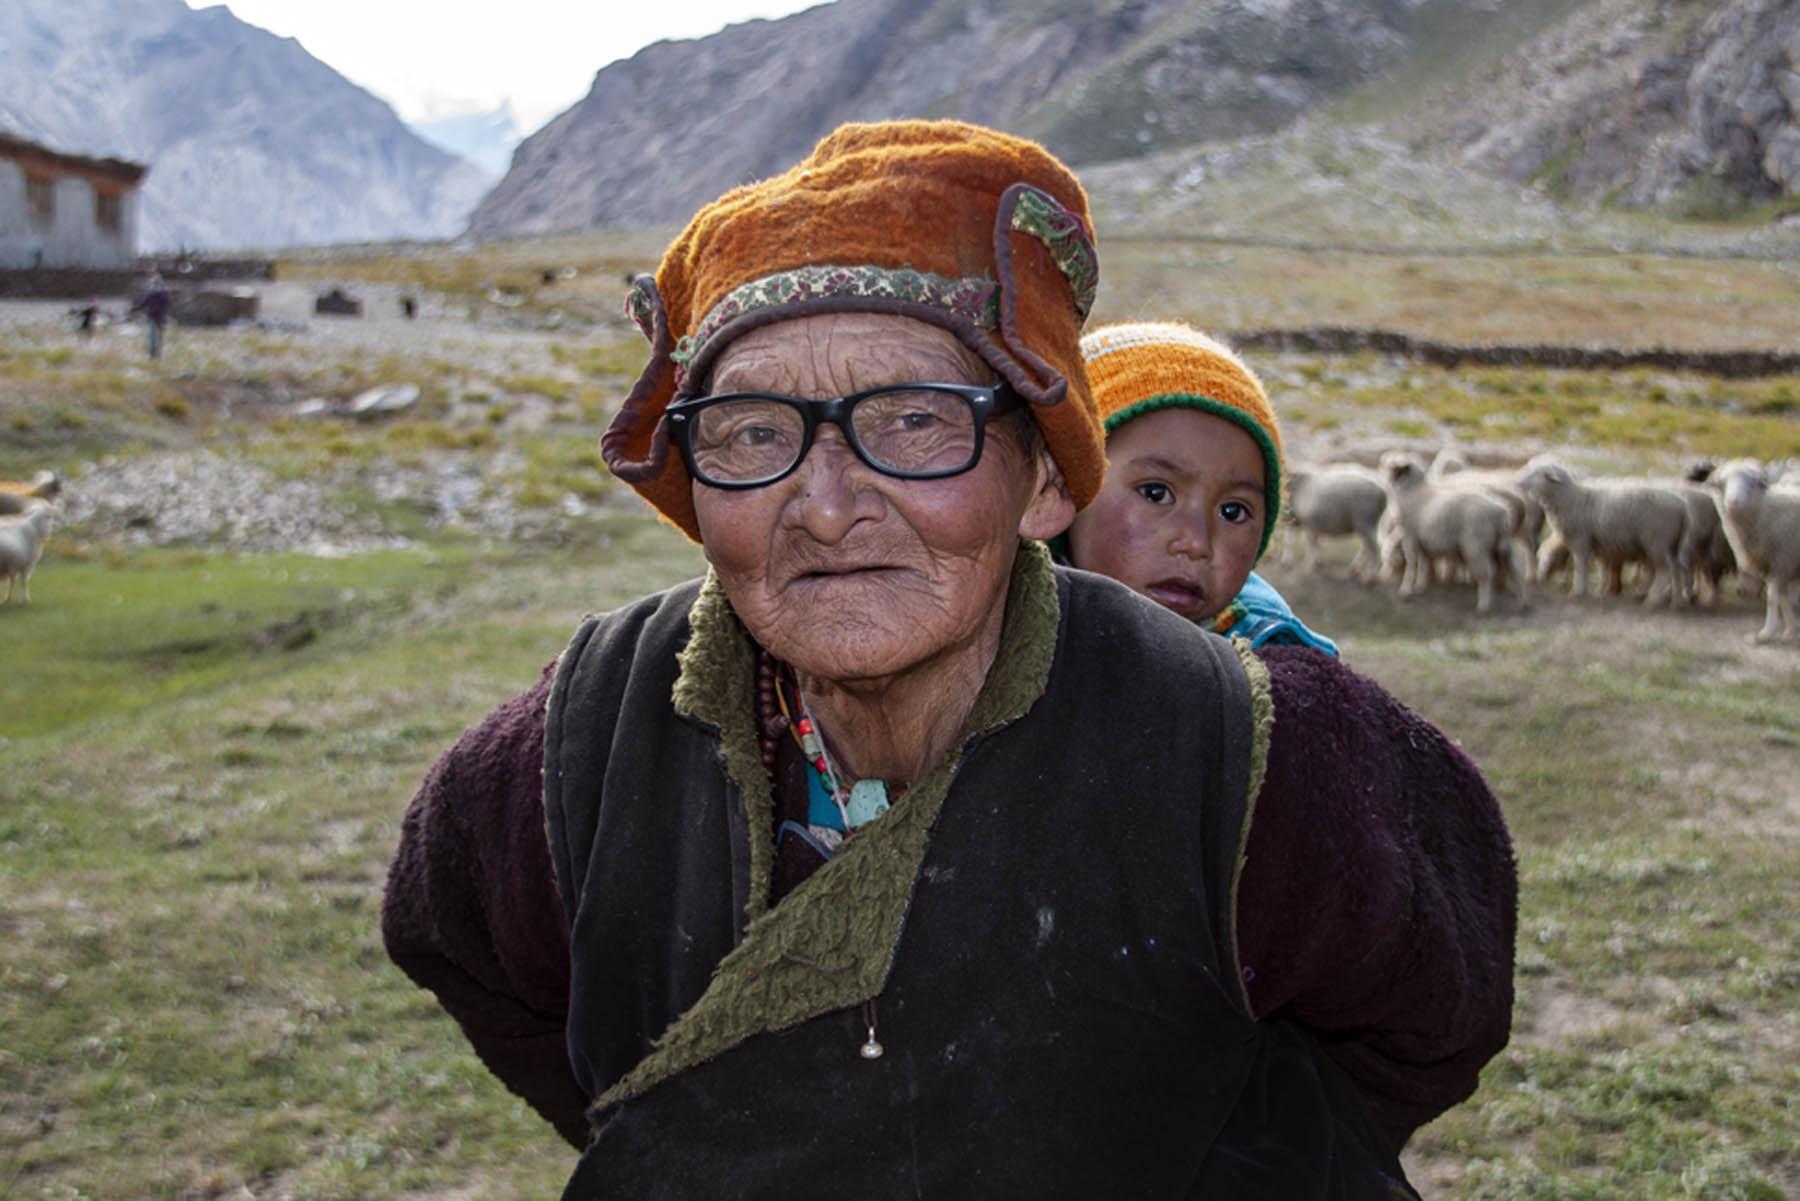 Oma hoedt schapen met kind op rug Zanskar vallei